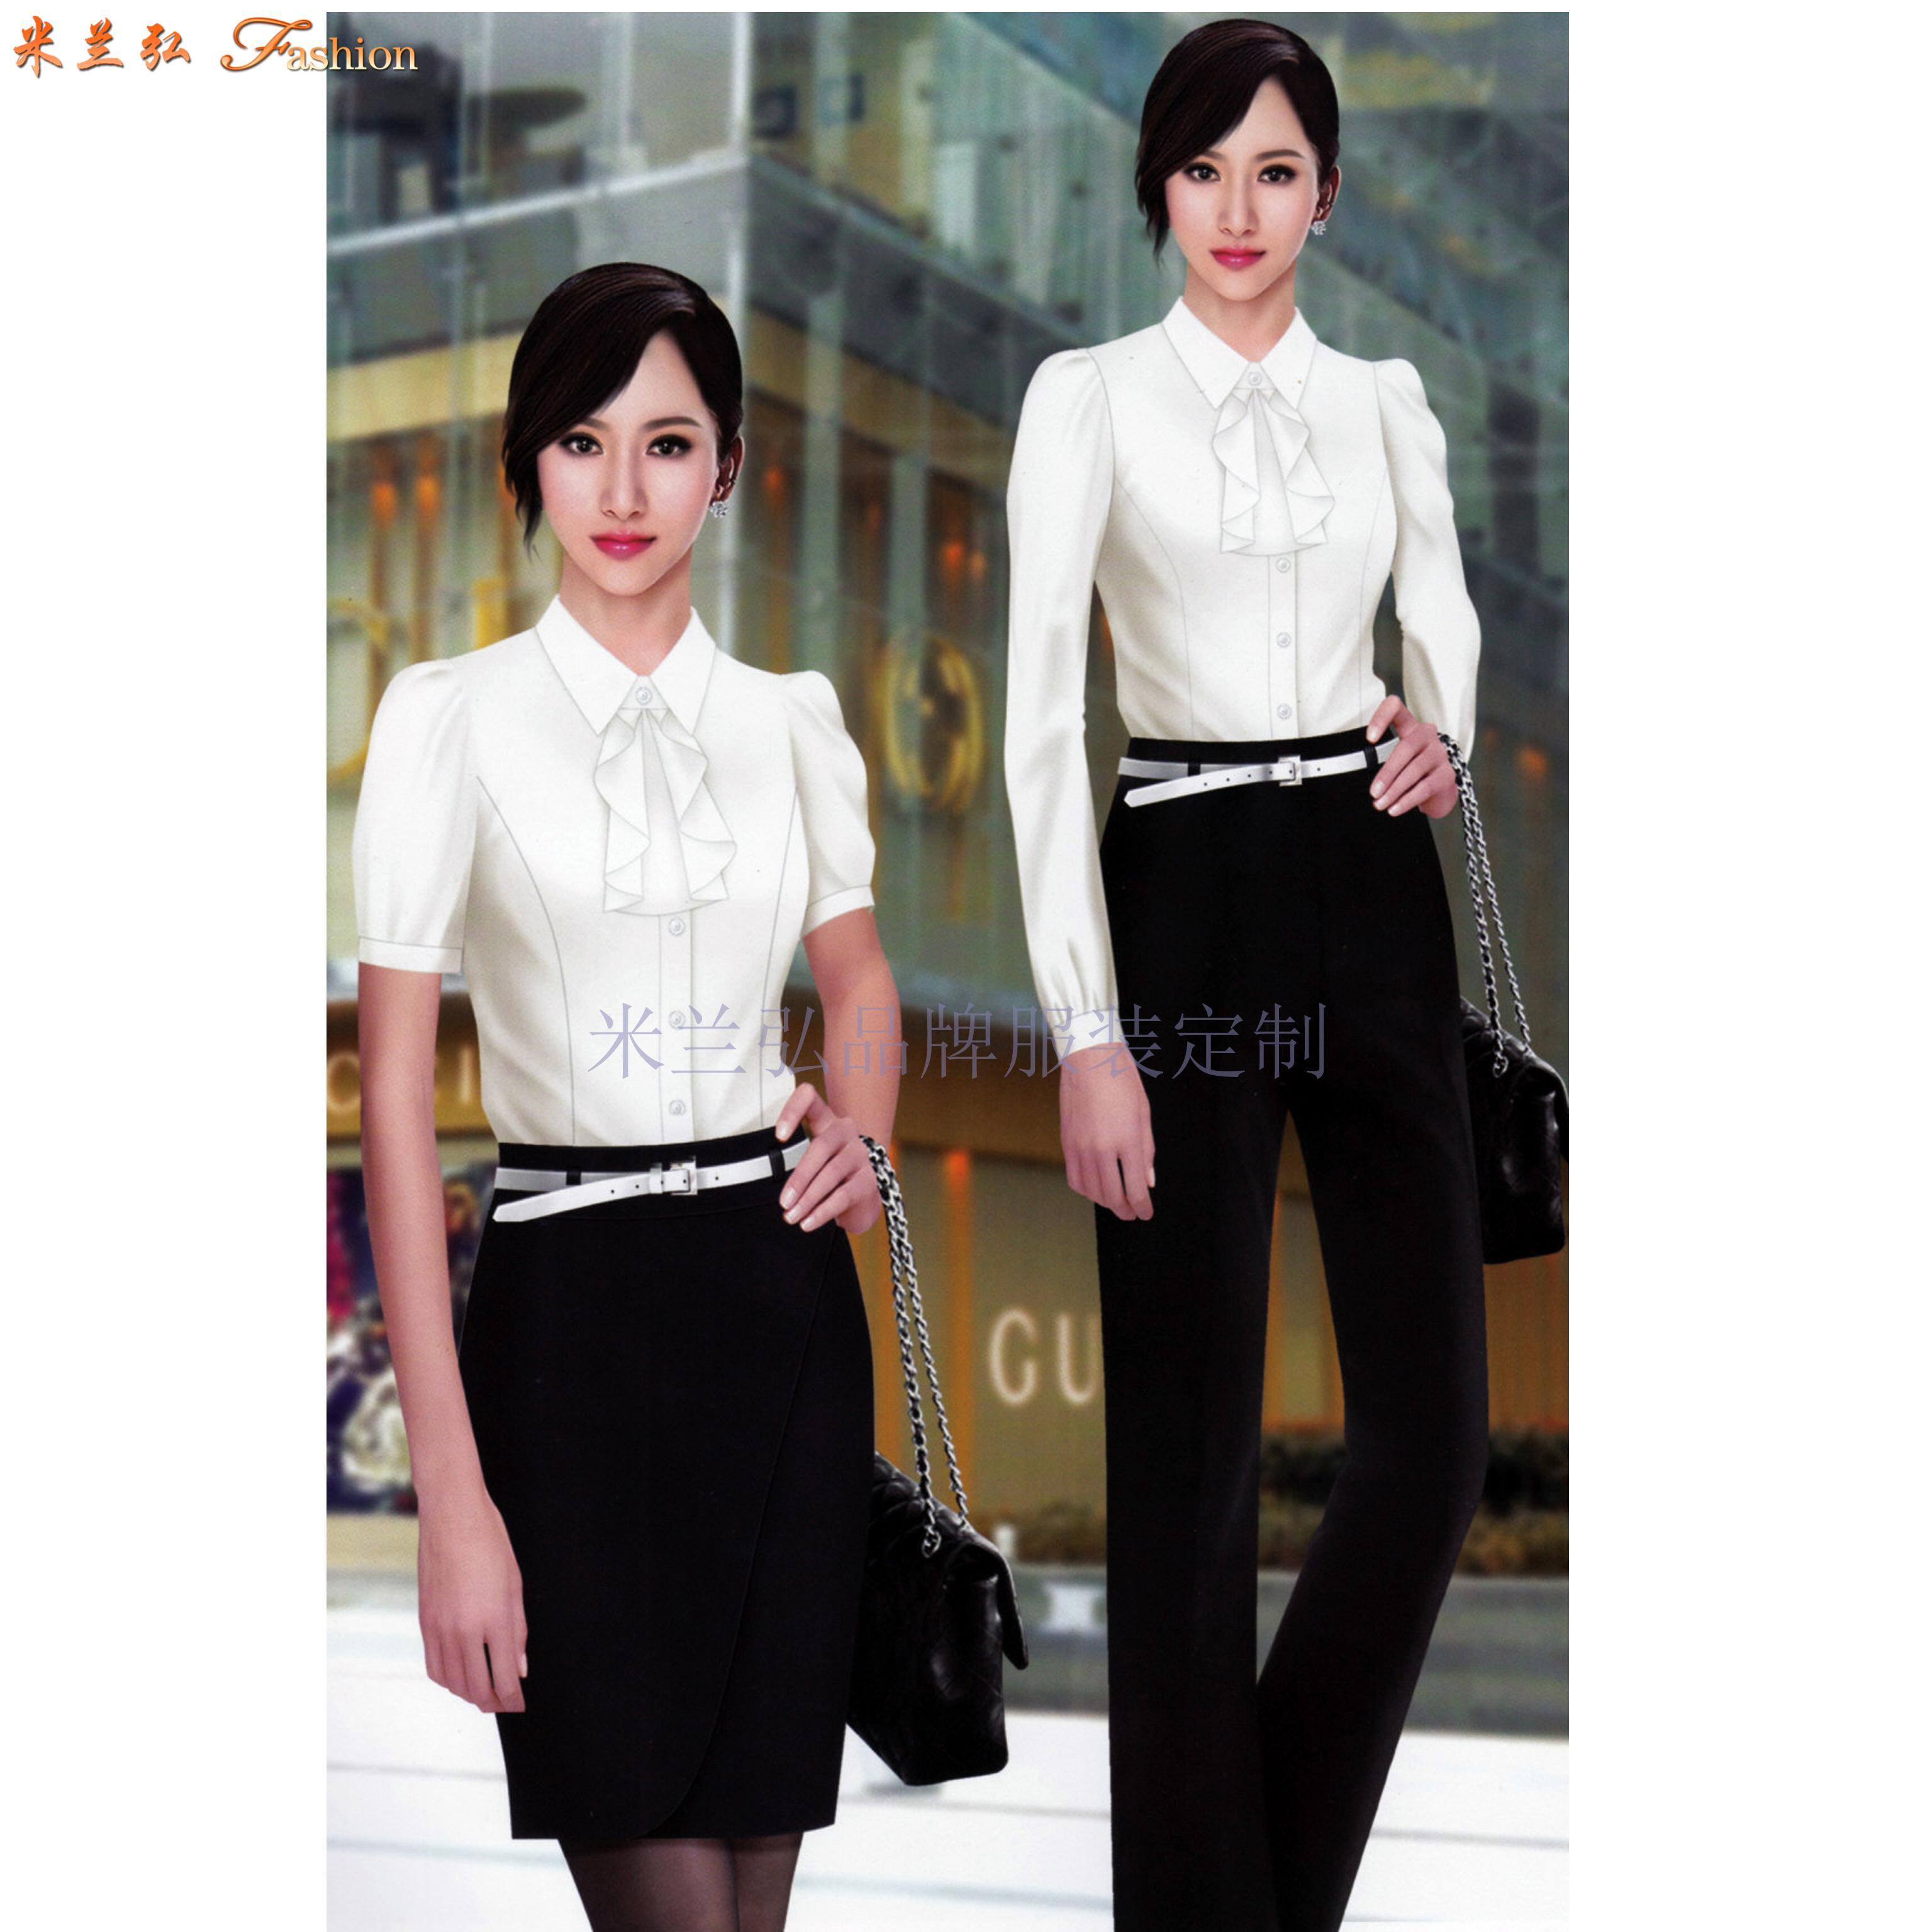 高端襯衫定制-定做質料講究高級襯衫-米蘭弘服裝-2